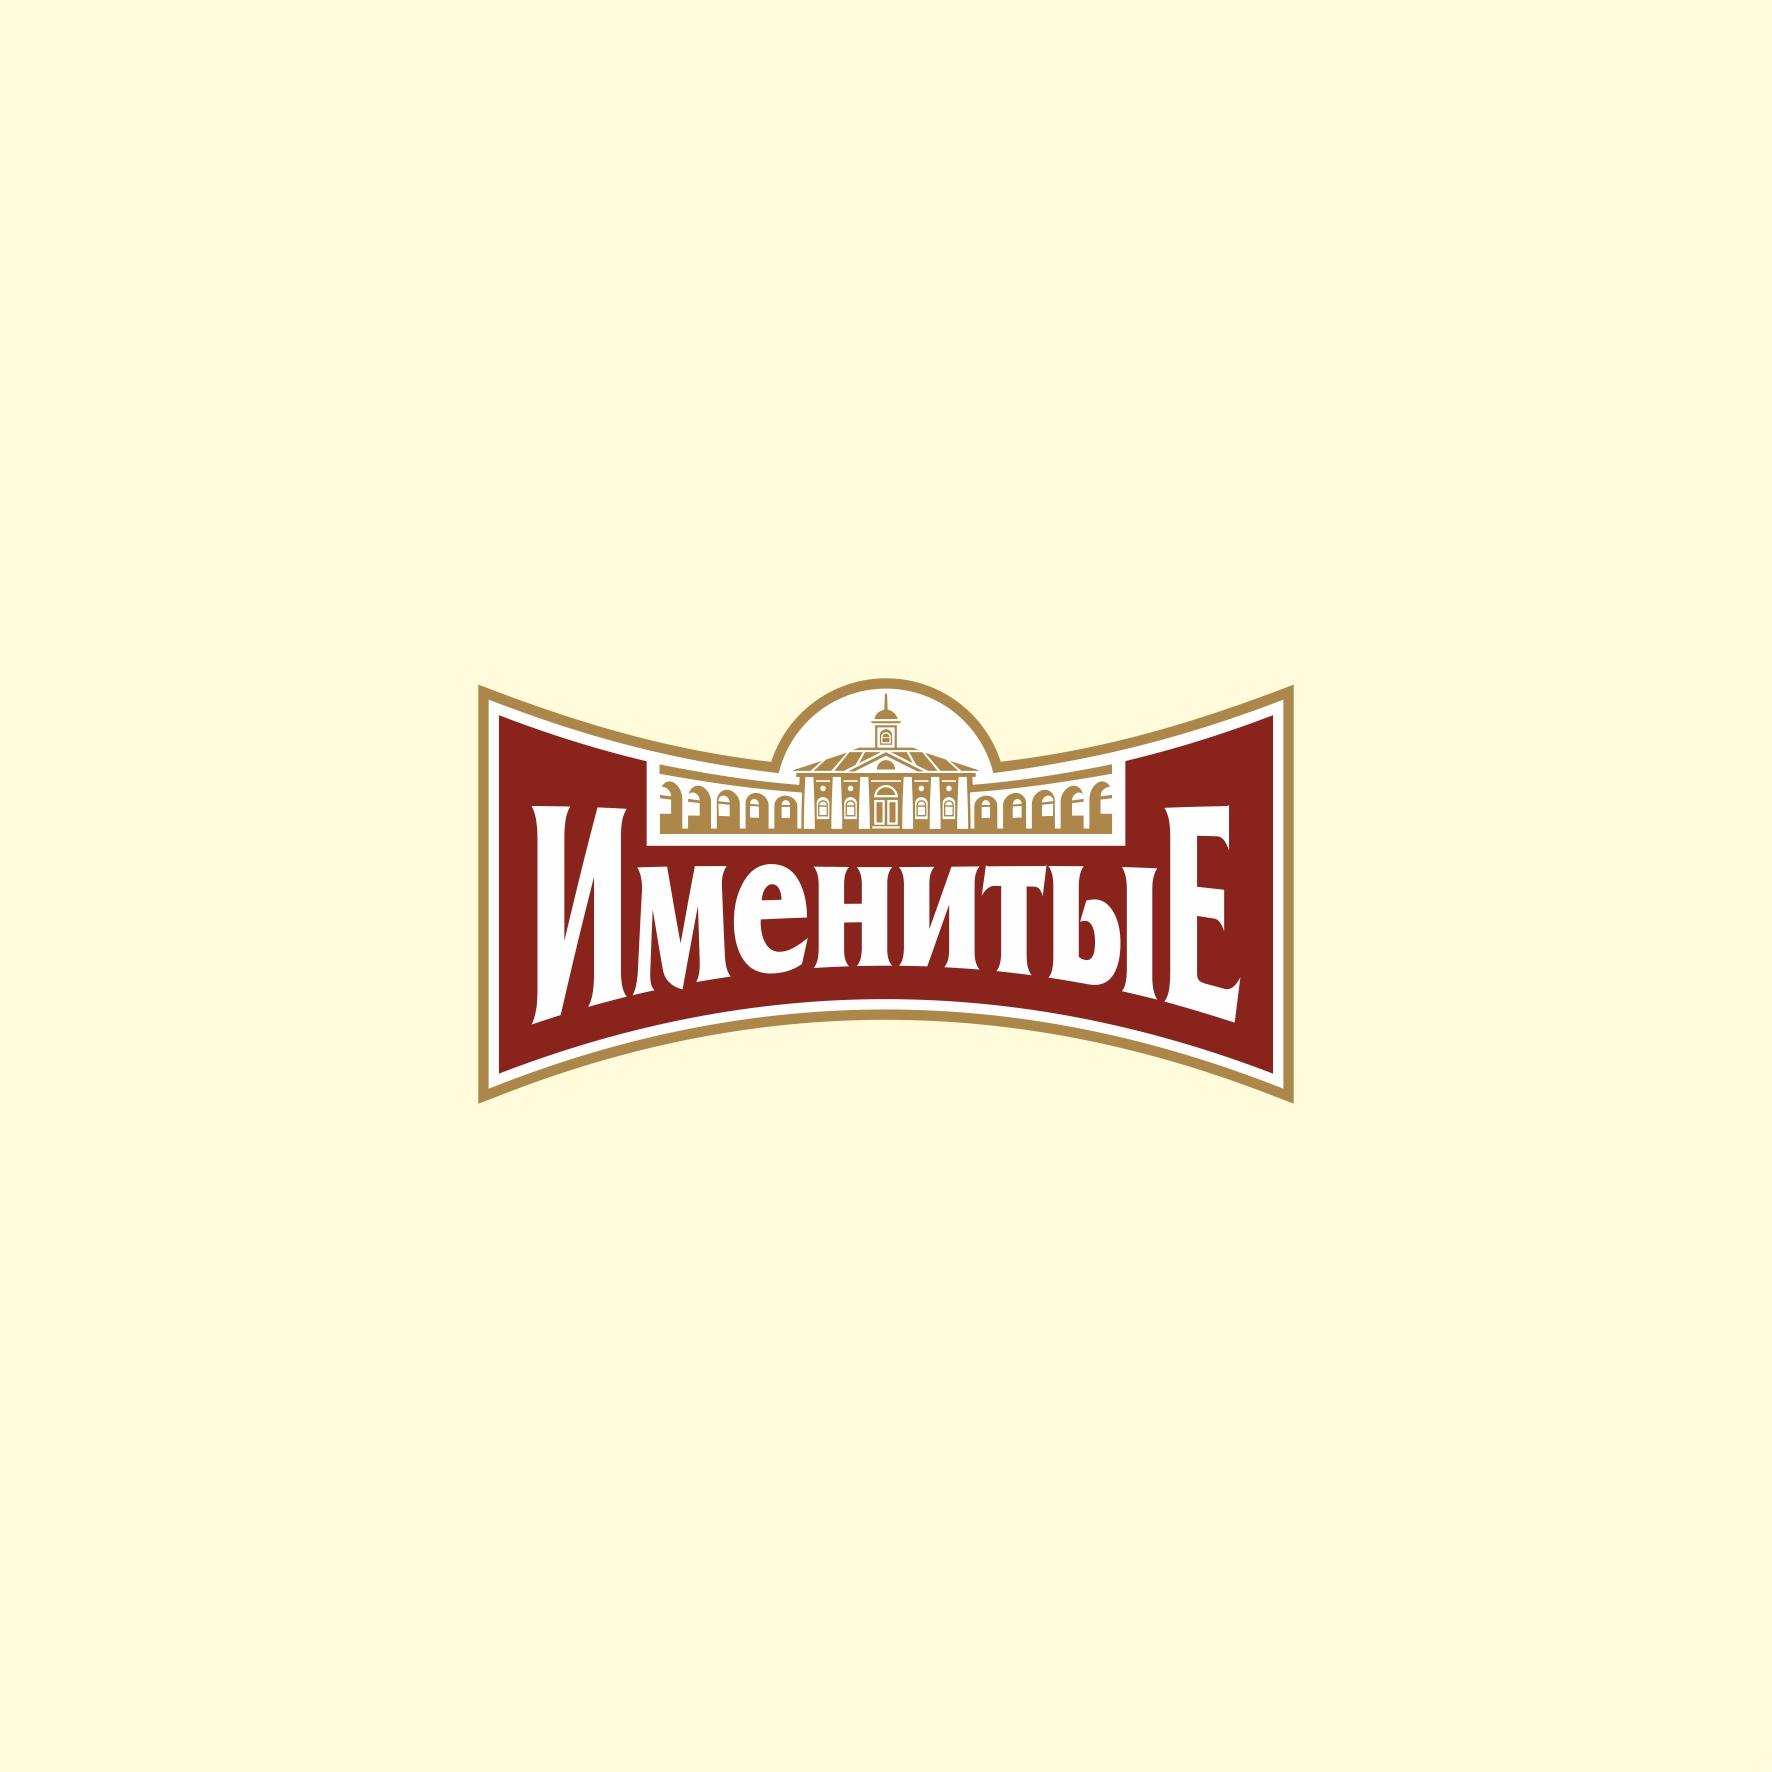 Логотип и фирменный стиль продуктов питания фото f_6995bc4e973e1d53.jpg